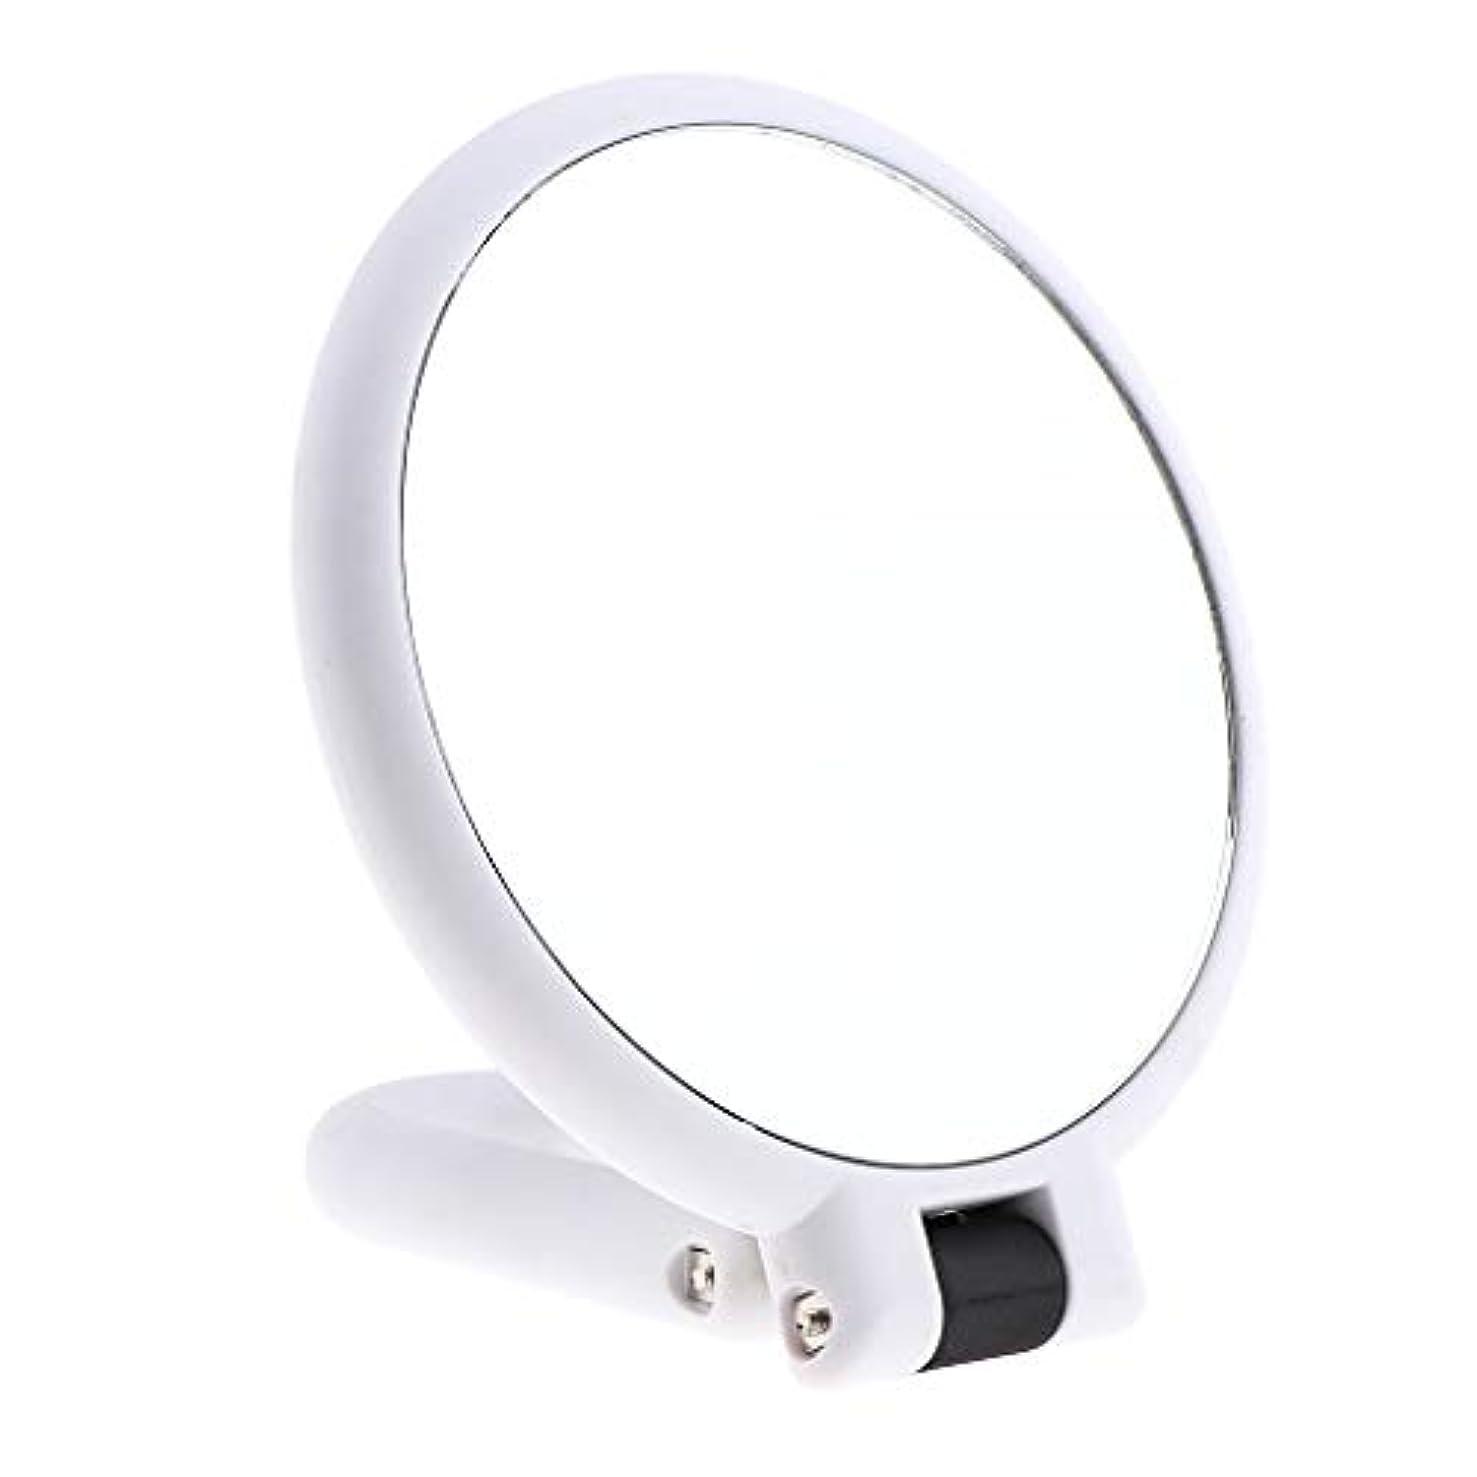 化石バッテリービーム両面化粧鏡 拡大鏡 ラウンド メイクアップミラー お化粧 ホワイト 5仕様選べ - 15倍